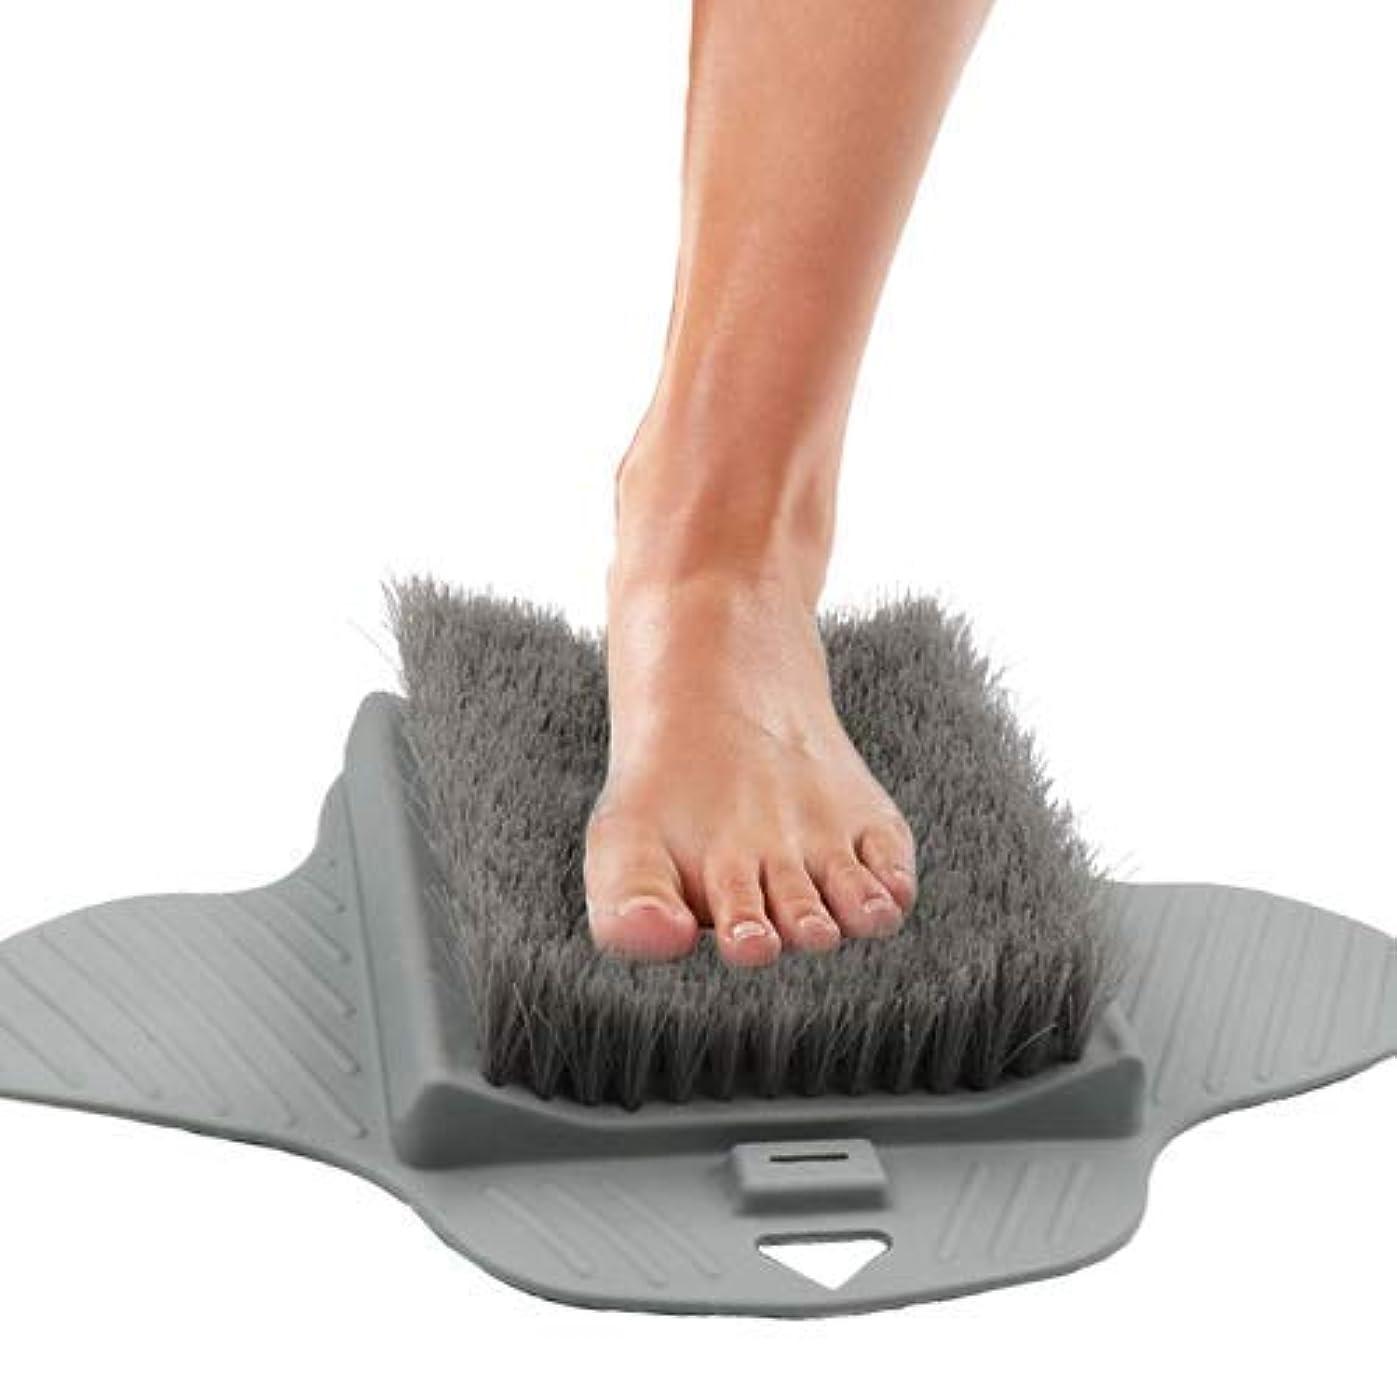 音声学教室文化Jhua 足の裏とカルスを掃除するためのシャワーフットスクラバーバスタブフロアブラシ-滑り止め吸引カップ、指圧マッサージマットフットクリーナー